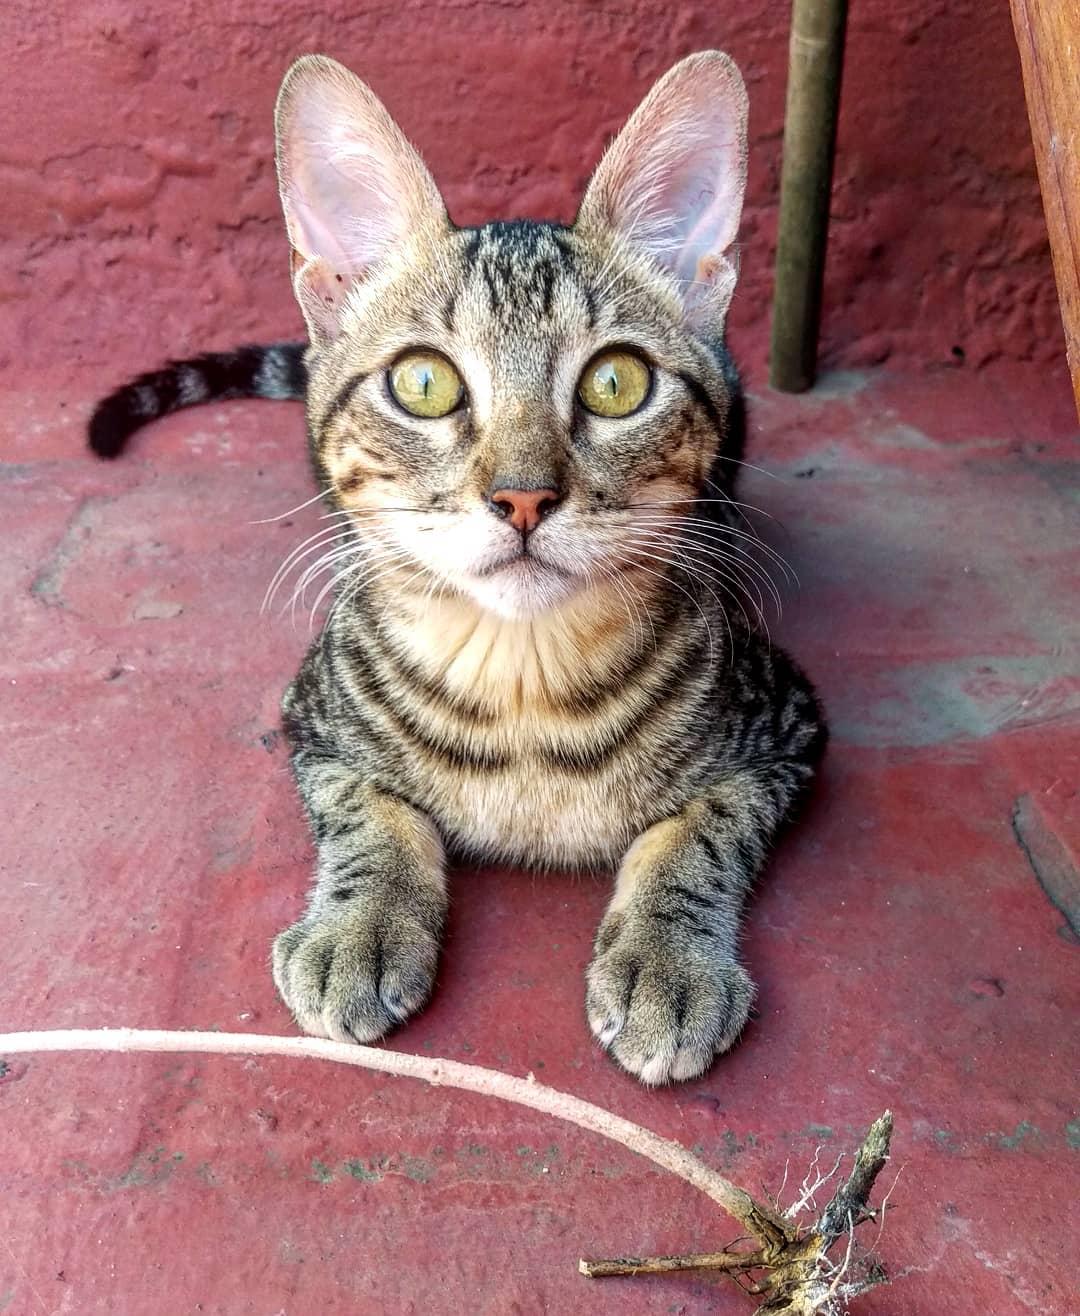 Bệnh nôn mãn tính ở mèo - Nguyên nhân và cách chữa trị